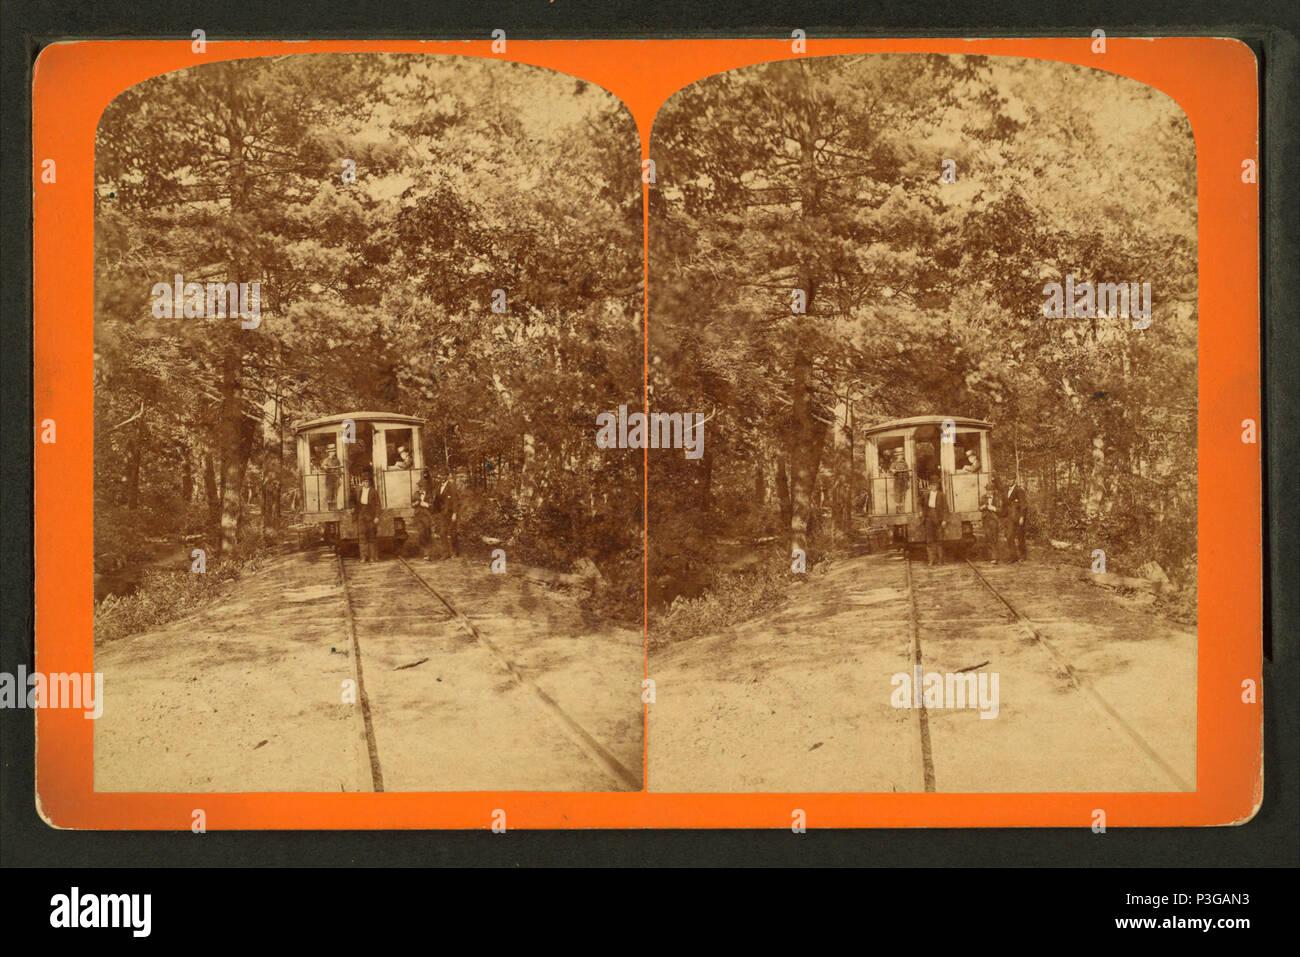 Alternative Titel Mauch Chunk Die Schweiz Von Amerika Abdeckung 1870 1885 Quelle Impressum Watkins NY Und In Syracuse G F Gates